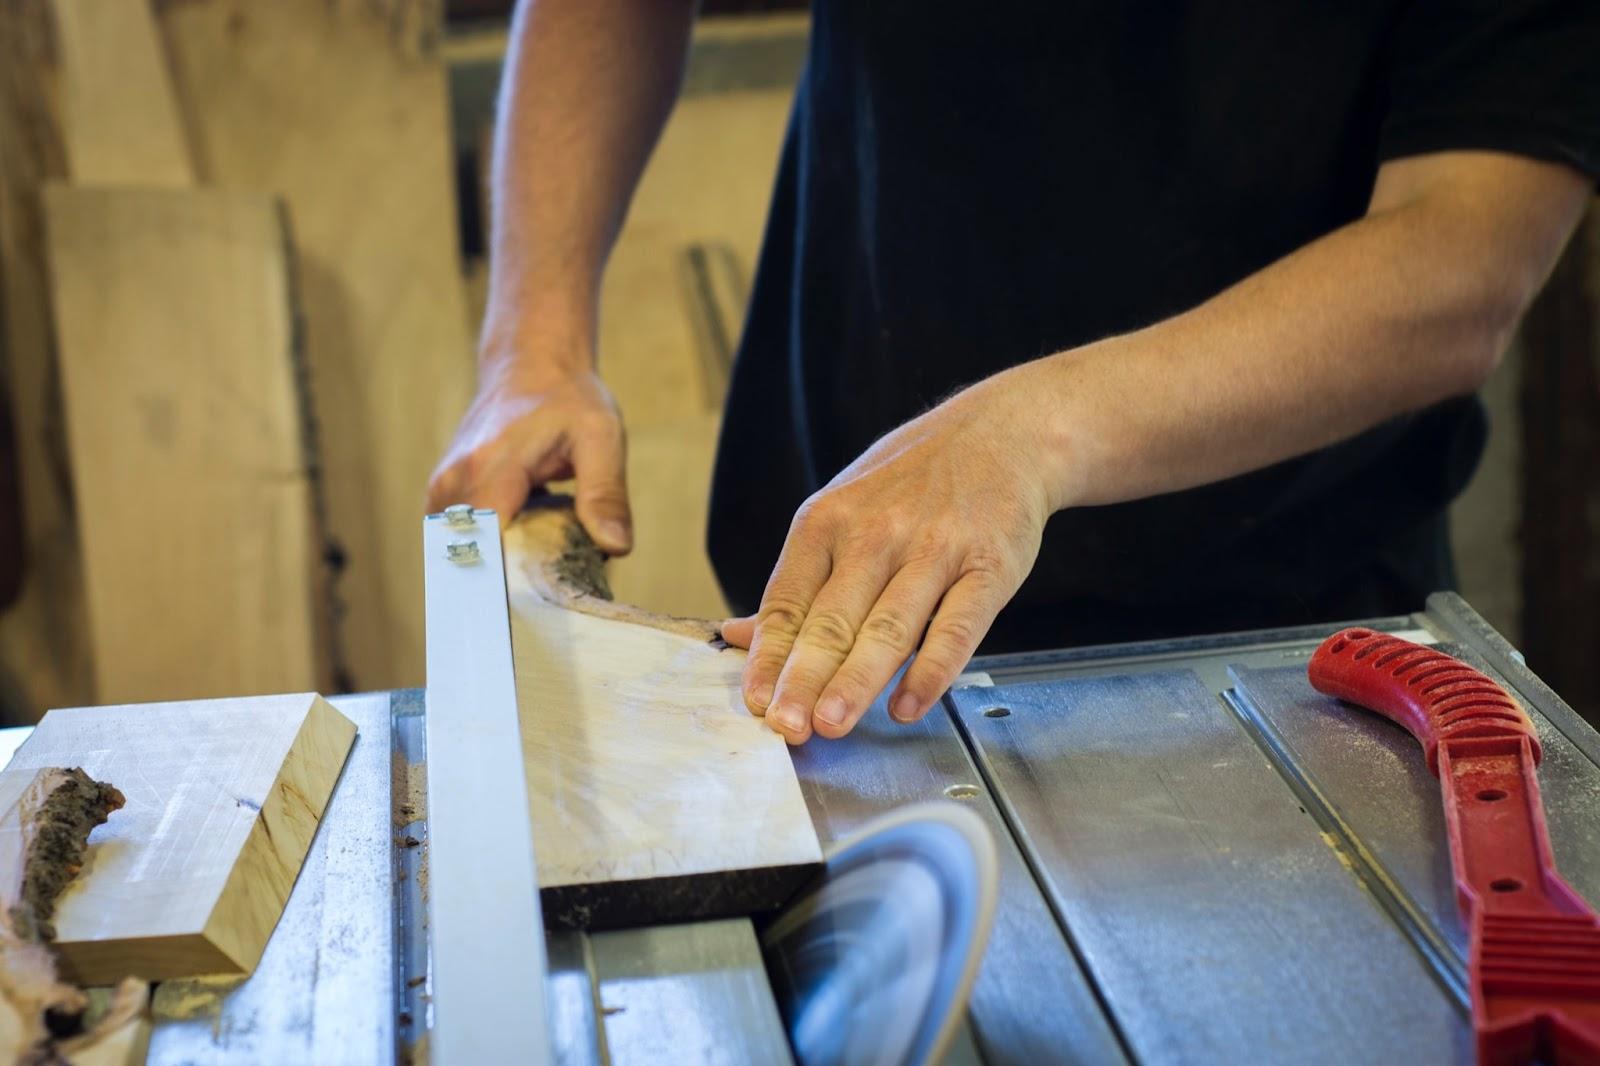 Profi Tischkreissäge: Eigenschaften & Funktion